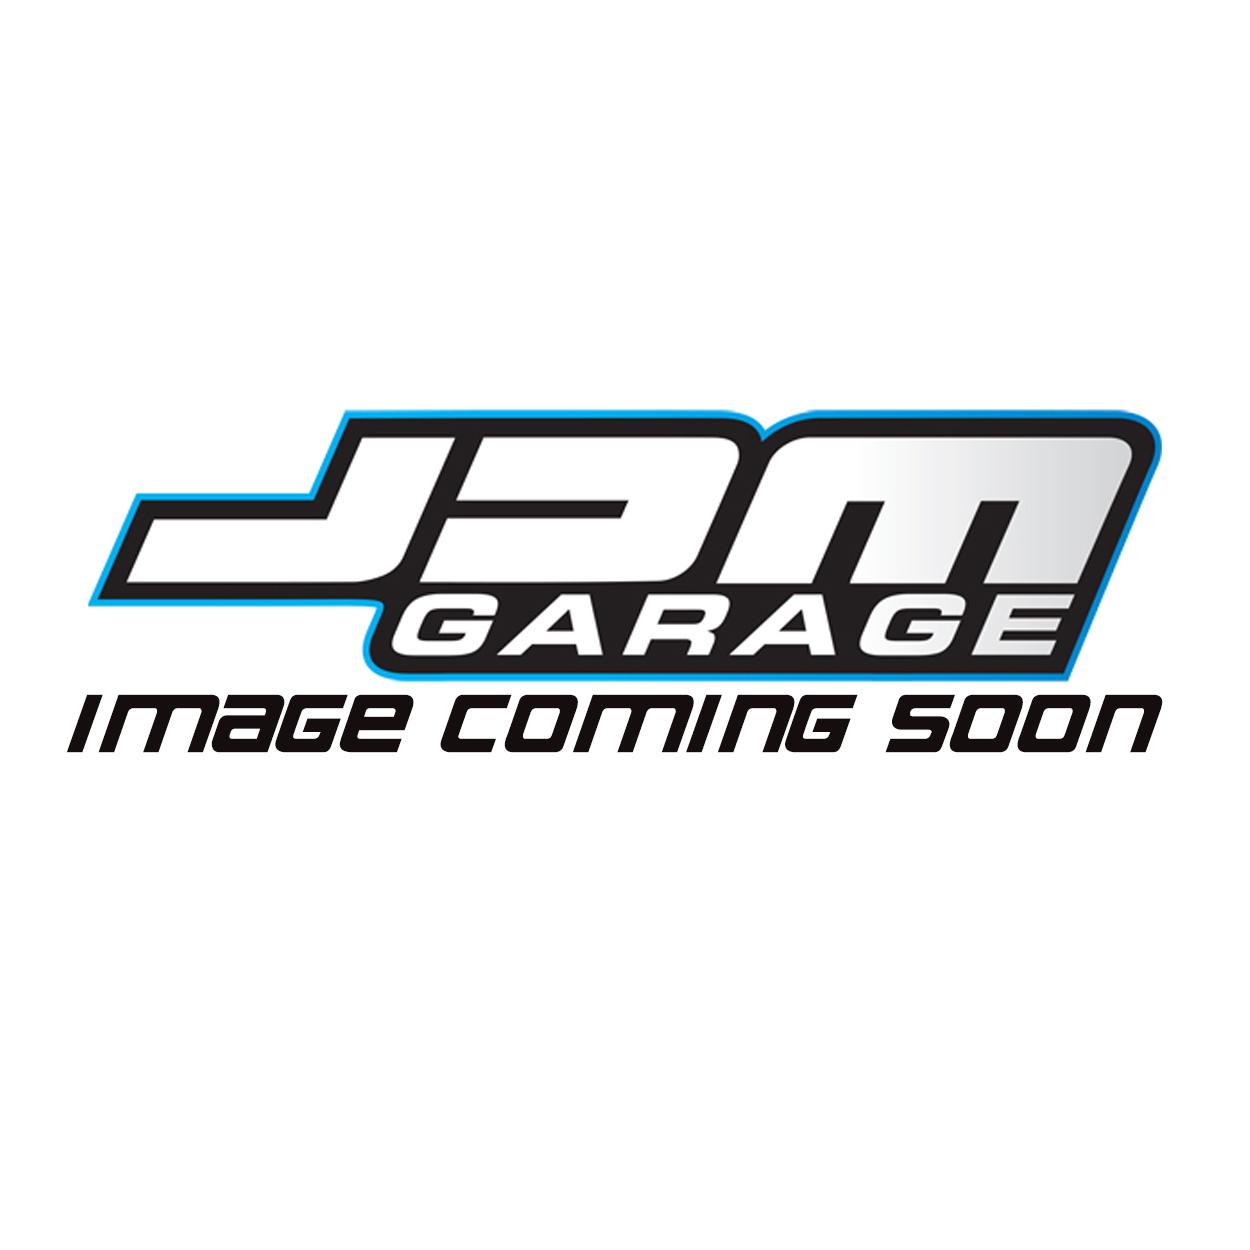 VR38DETT Engine Rebuild Package - R35 GTR